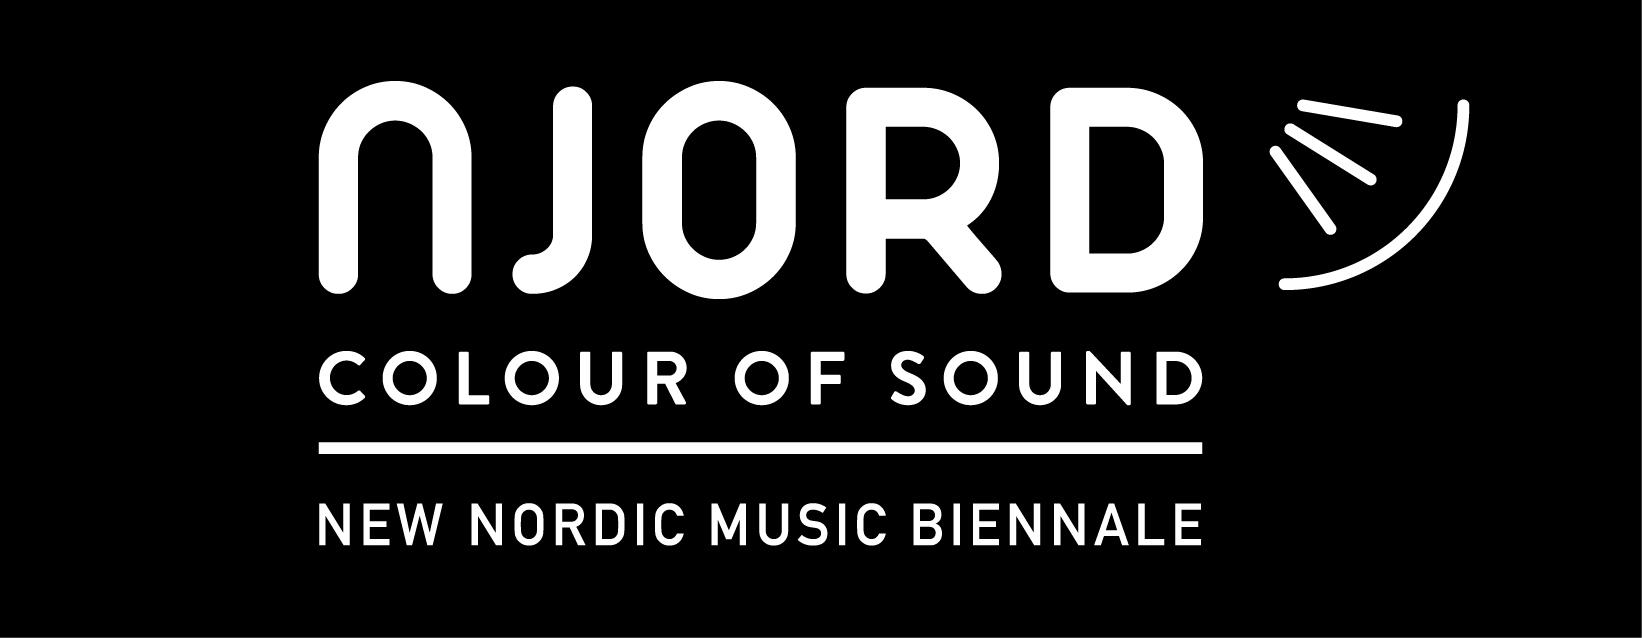 njord_logo_colourofsound_nnmb_white-1